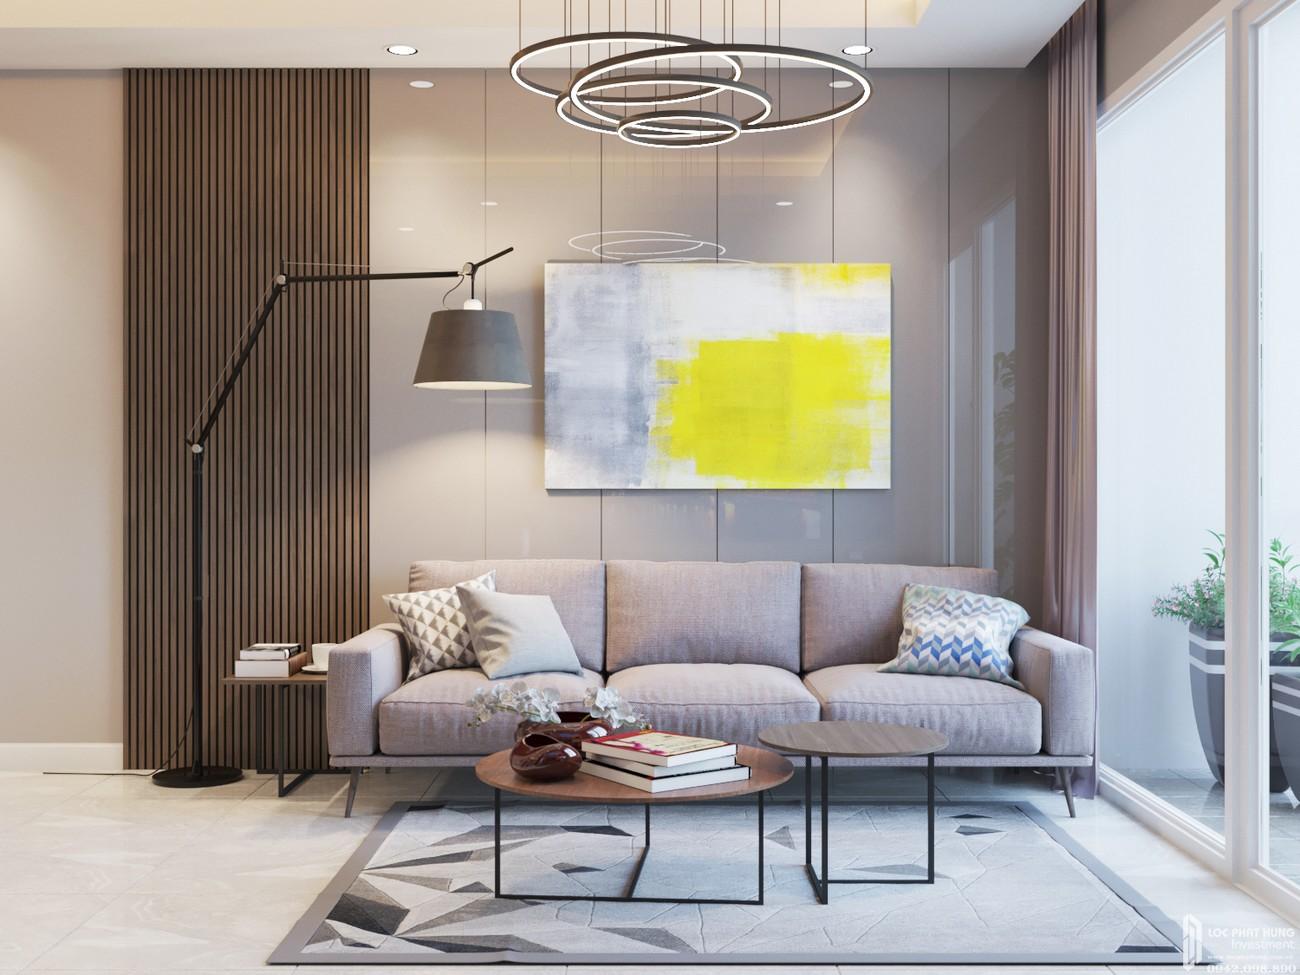 Nhà mẫu dự án căn hộ chung cư Him Lam Phú An Quận 9 Đường 32 Thủy Lợi chủ đầu tư Him Lam